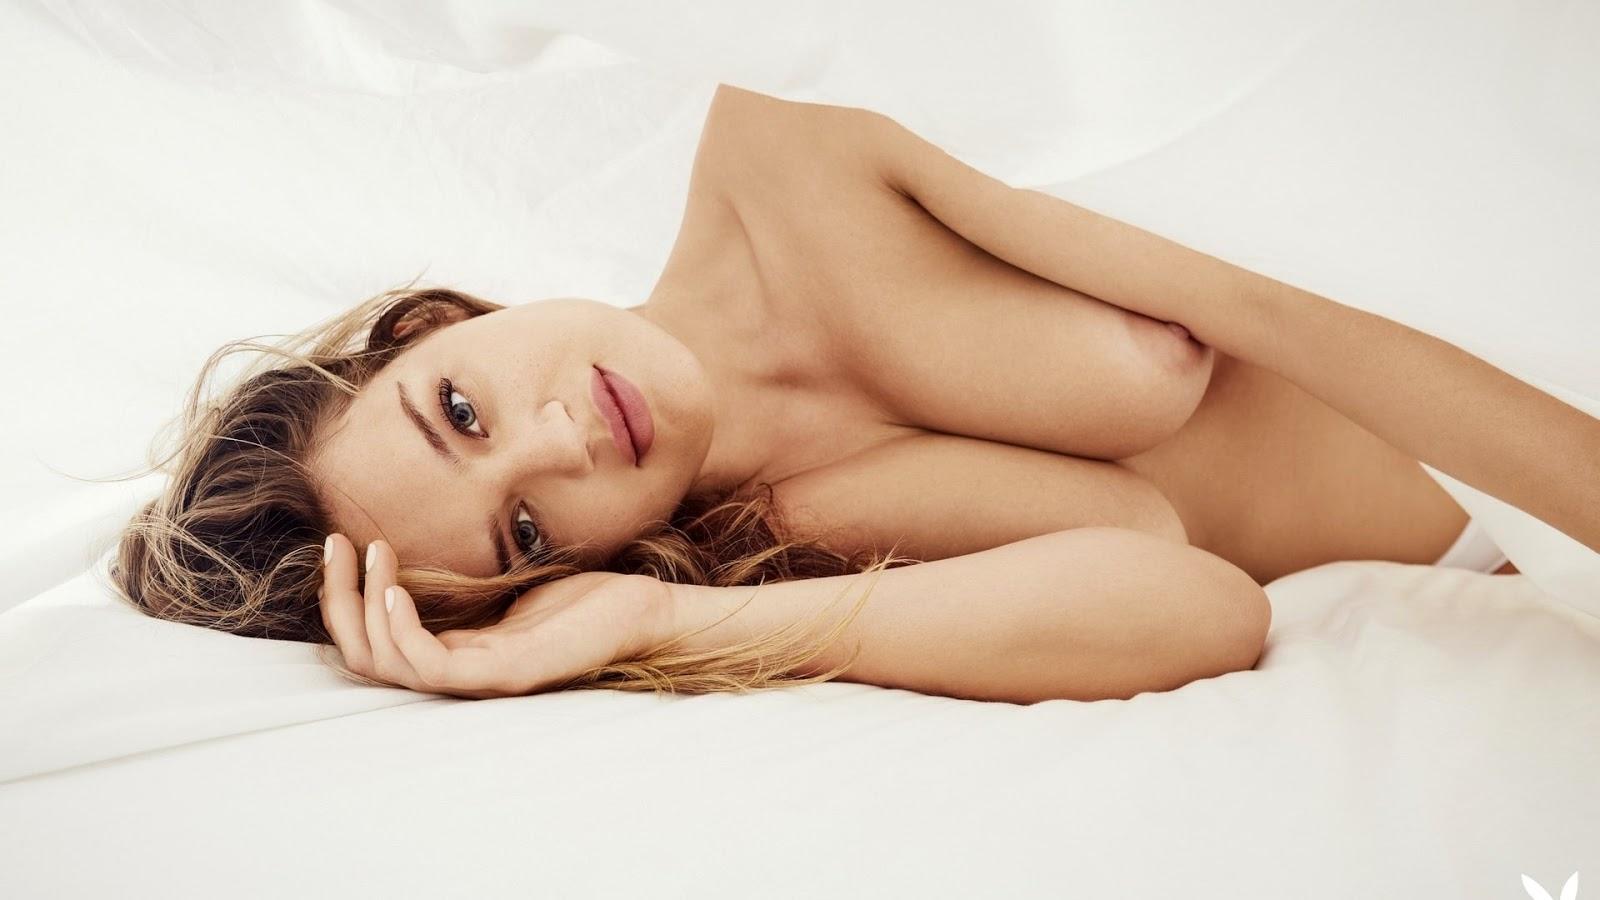 Wallpaper, sexy wallpaper, ragazze nude, wallpaper pc, donna nuda, bionda, sfondo bianco